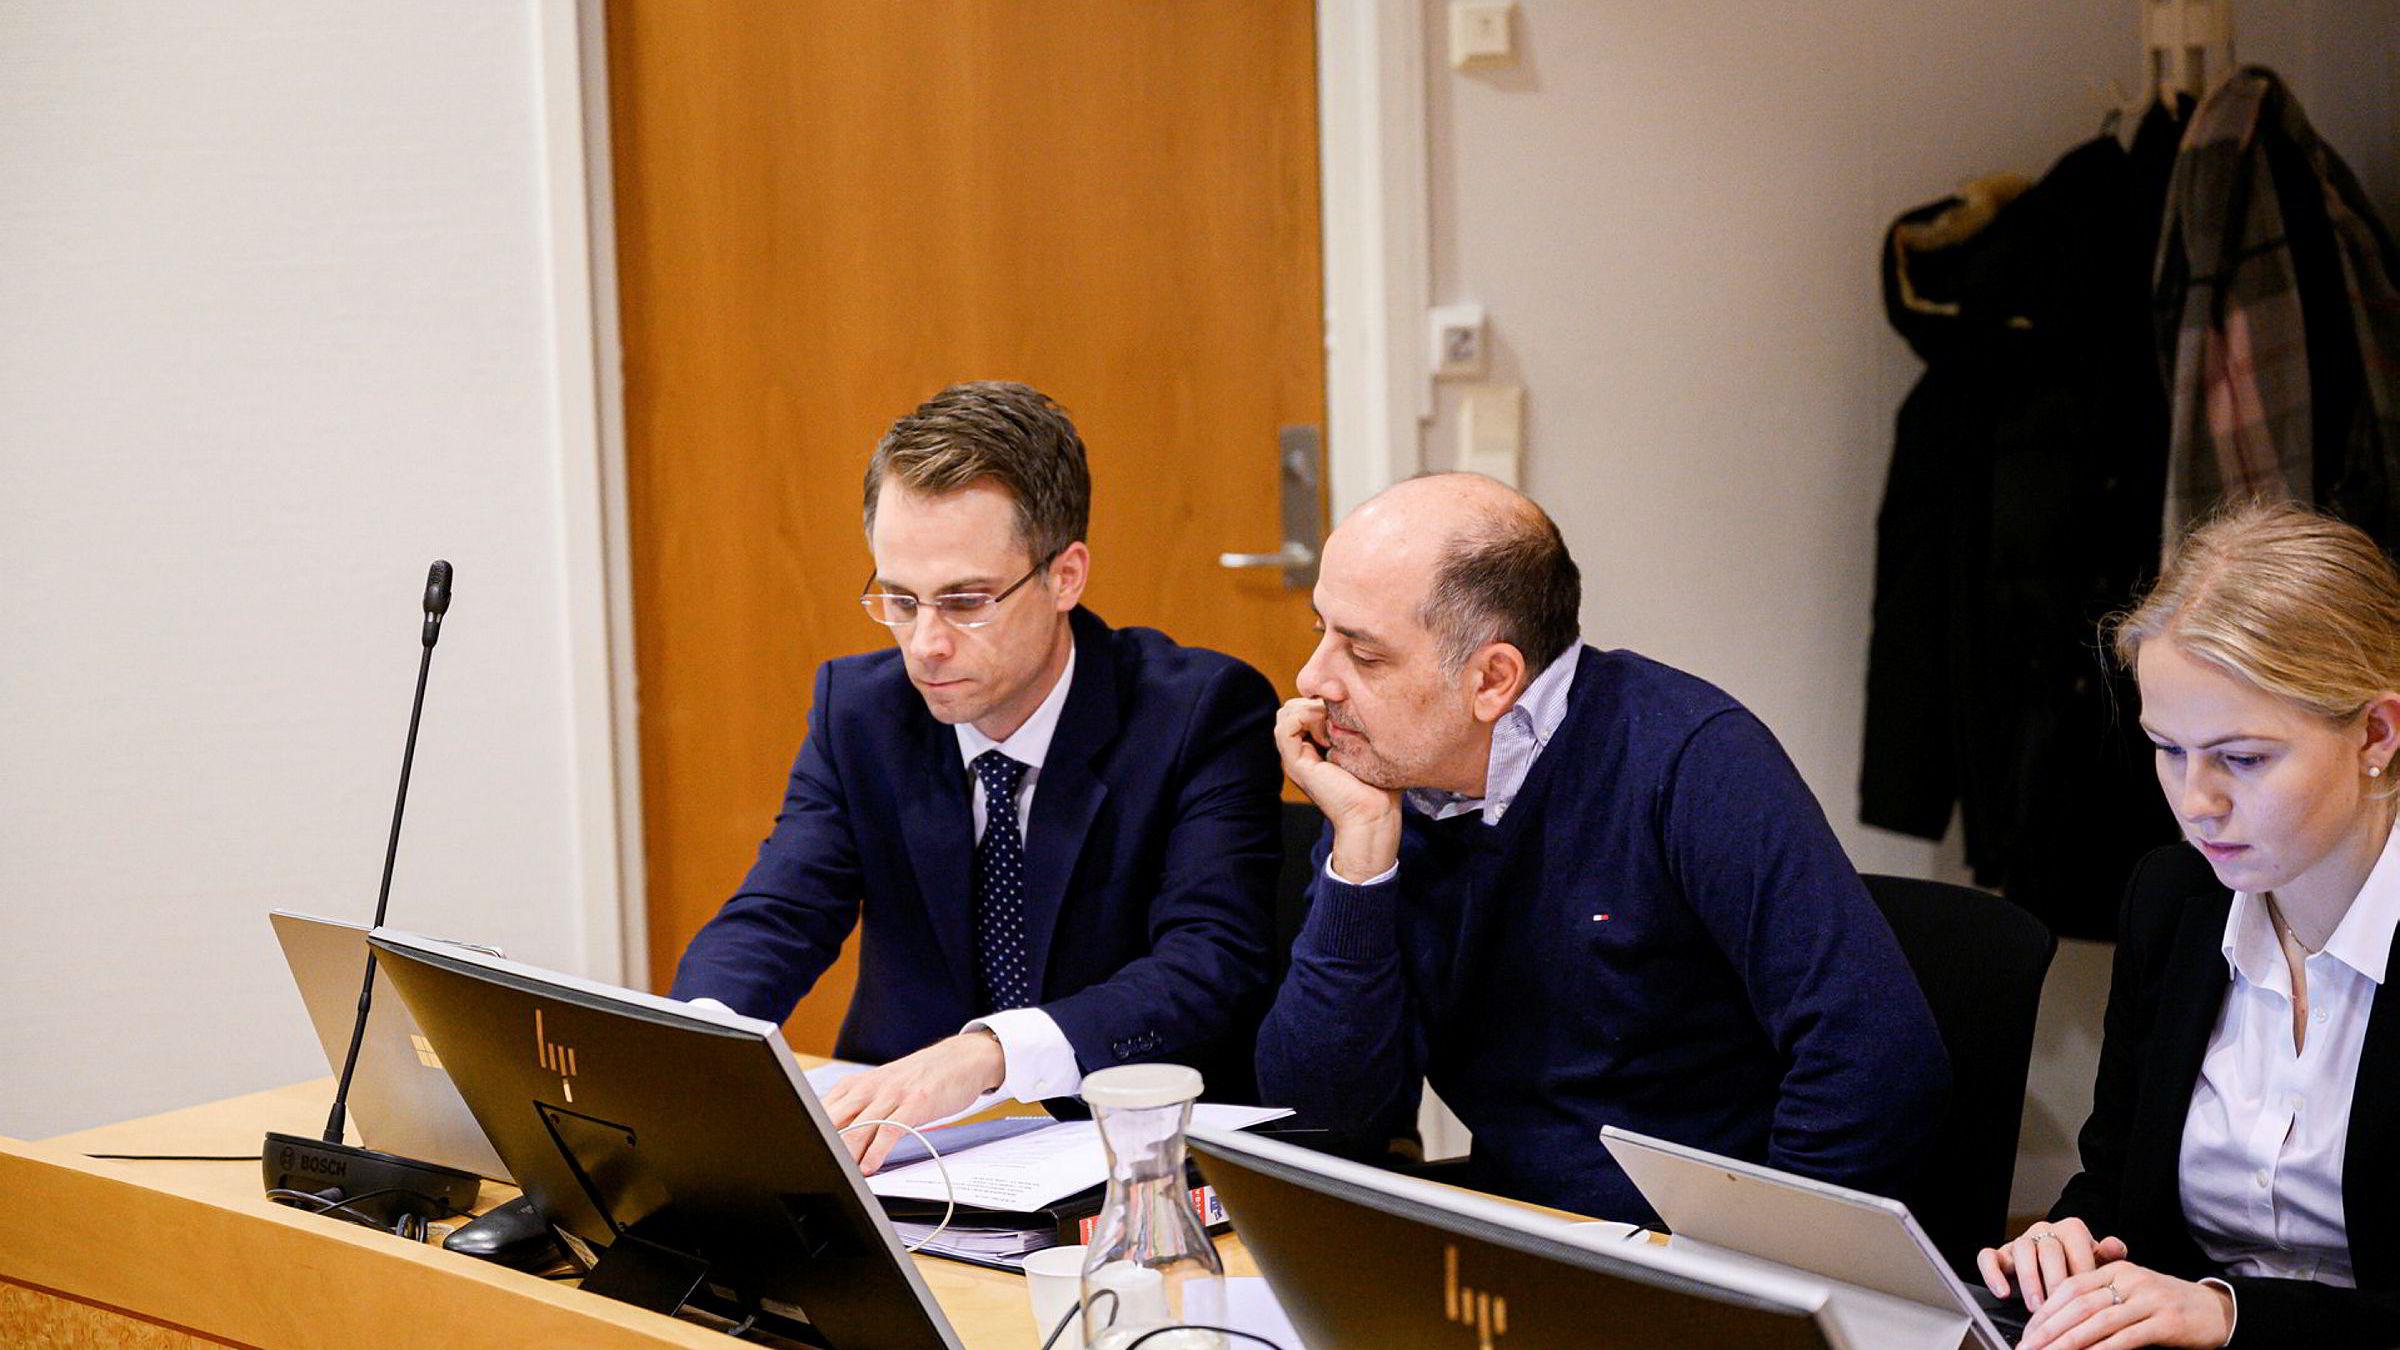 Kryptogründer Erik Solberg (i midten) med advokat Arild Gjelsvik og advokatfullmektig Malin Hauglum Rørvik fra advokatfirmaet Berngaard.